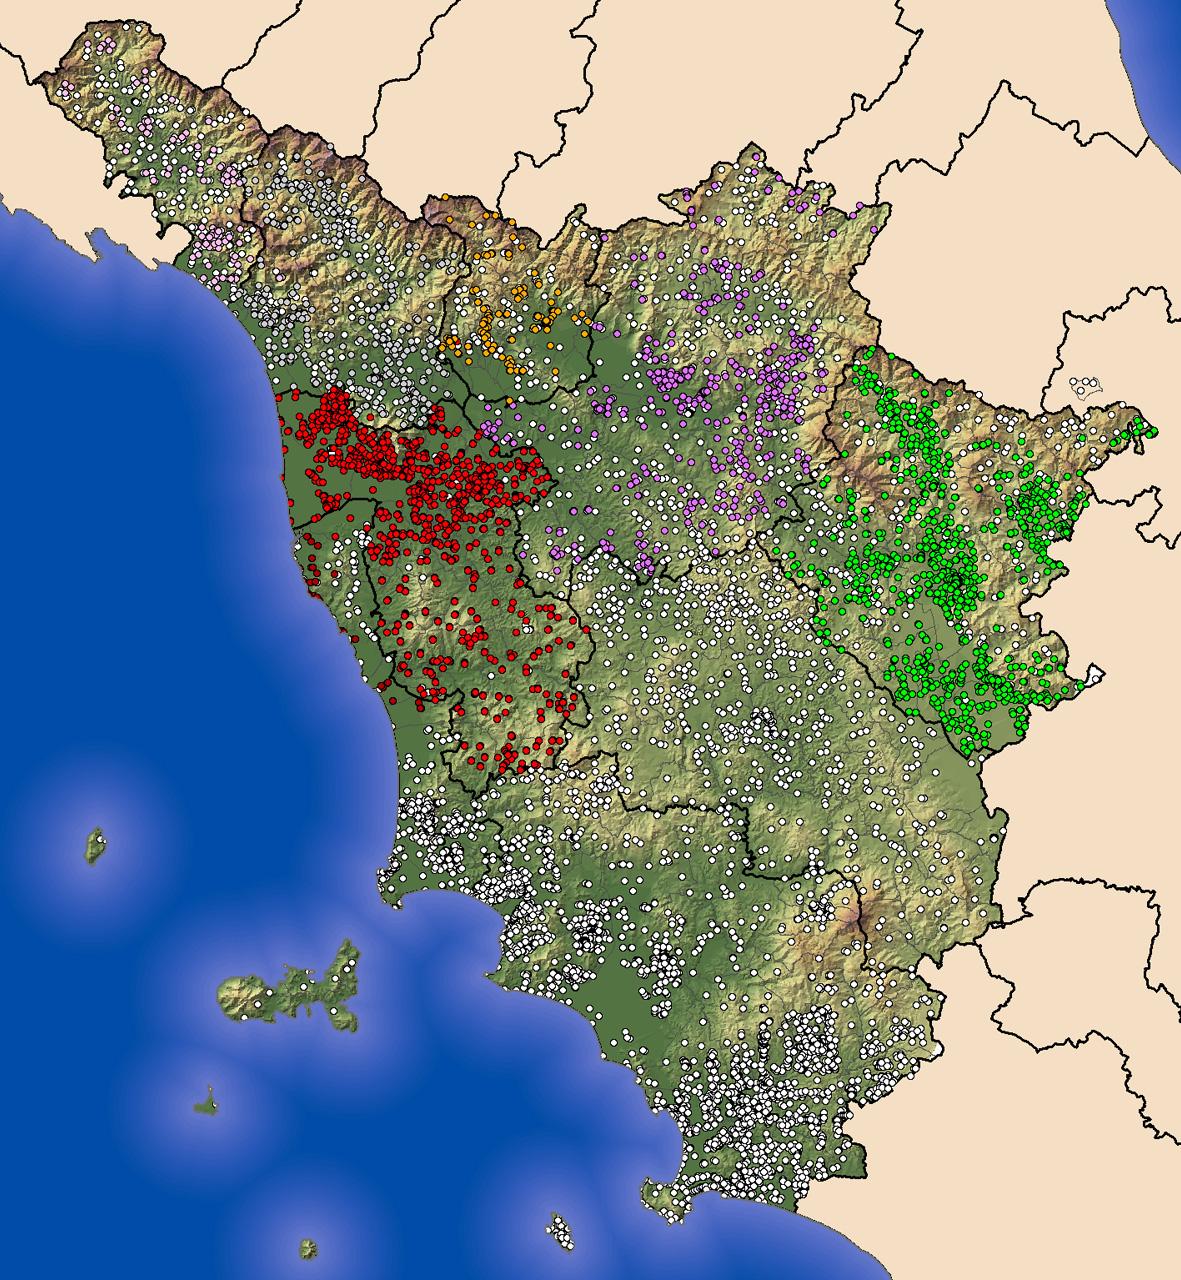 Toscana Fisica Cartina.La Scala Macro Del Contesto Toscano Modello Continuista E Geografia Del Potere Castello Di Miranduolo